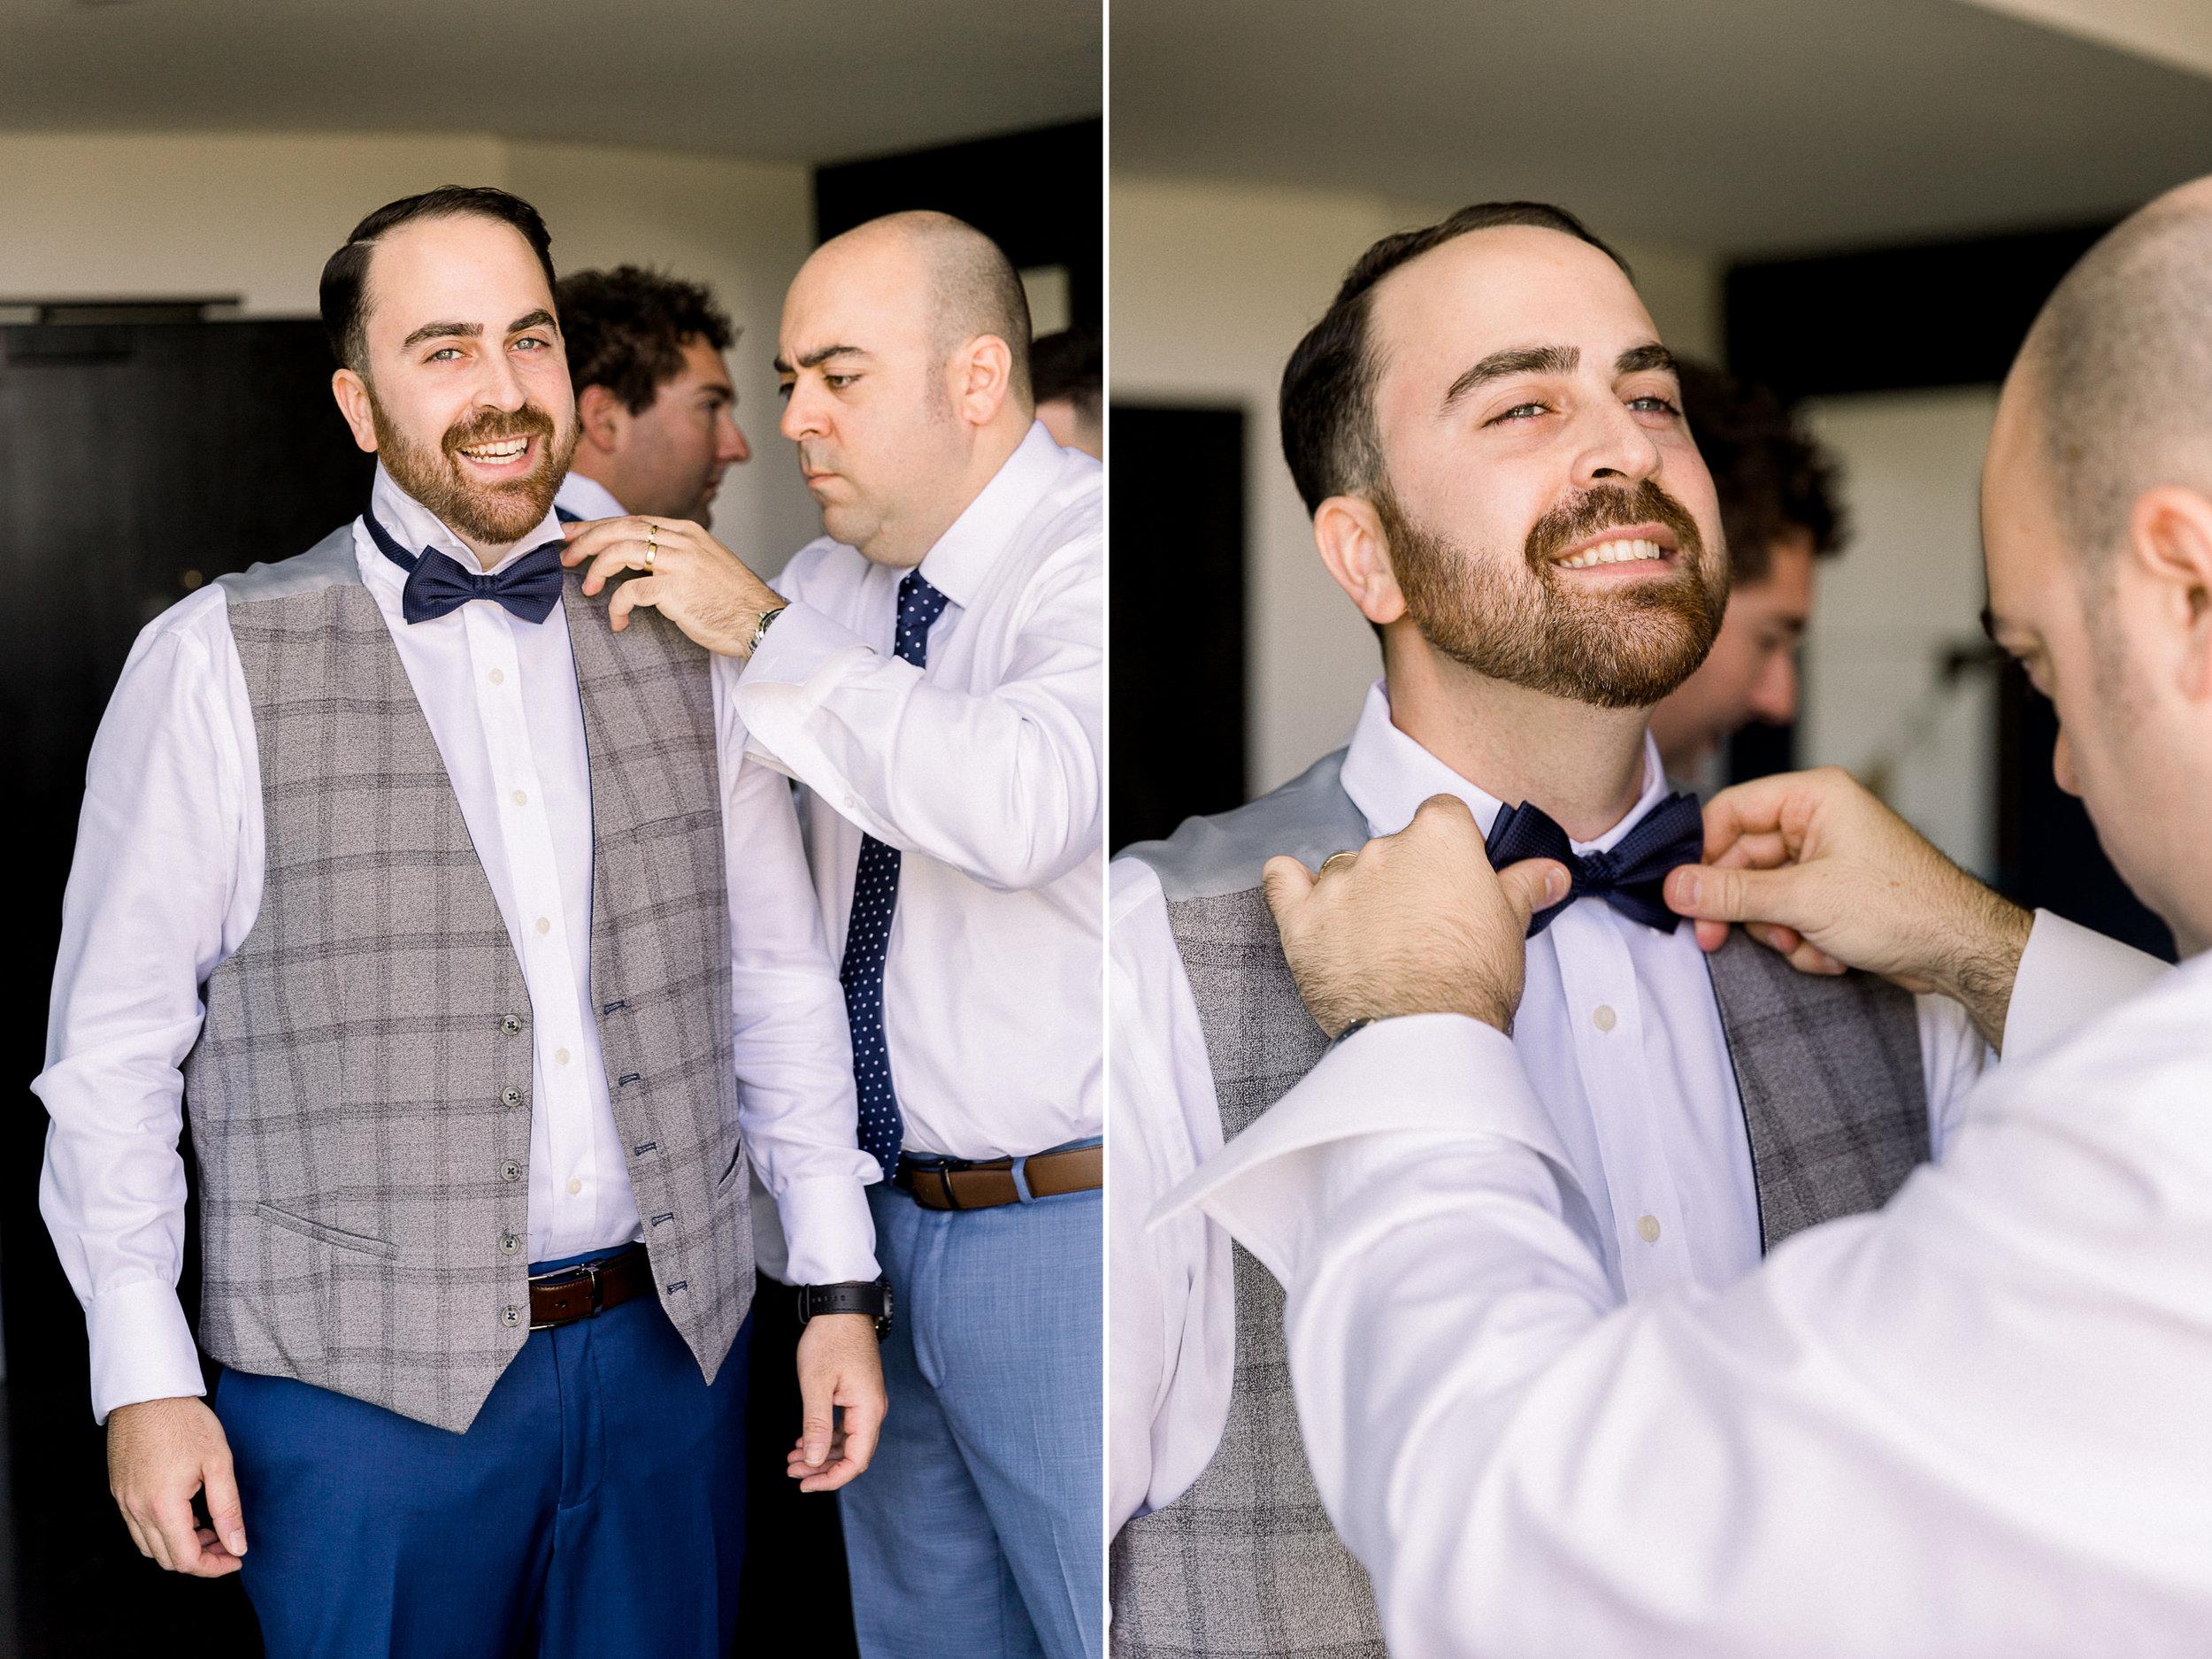 brisbane-city-wedding-eatons-hill-hotel-wedding-9.jpg